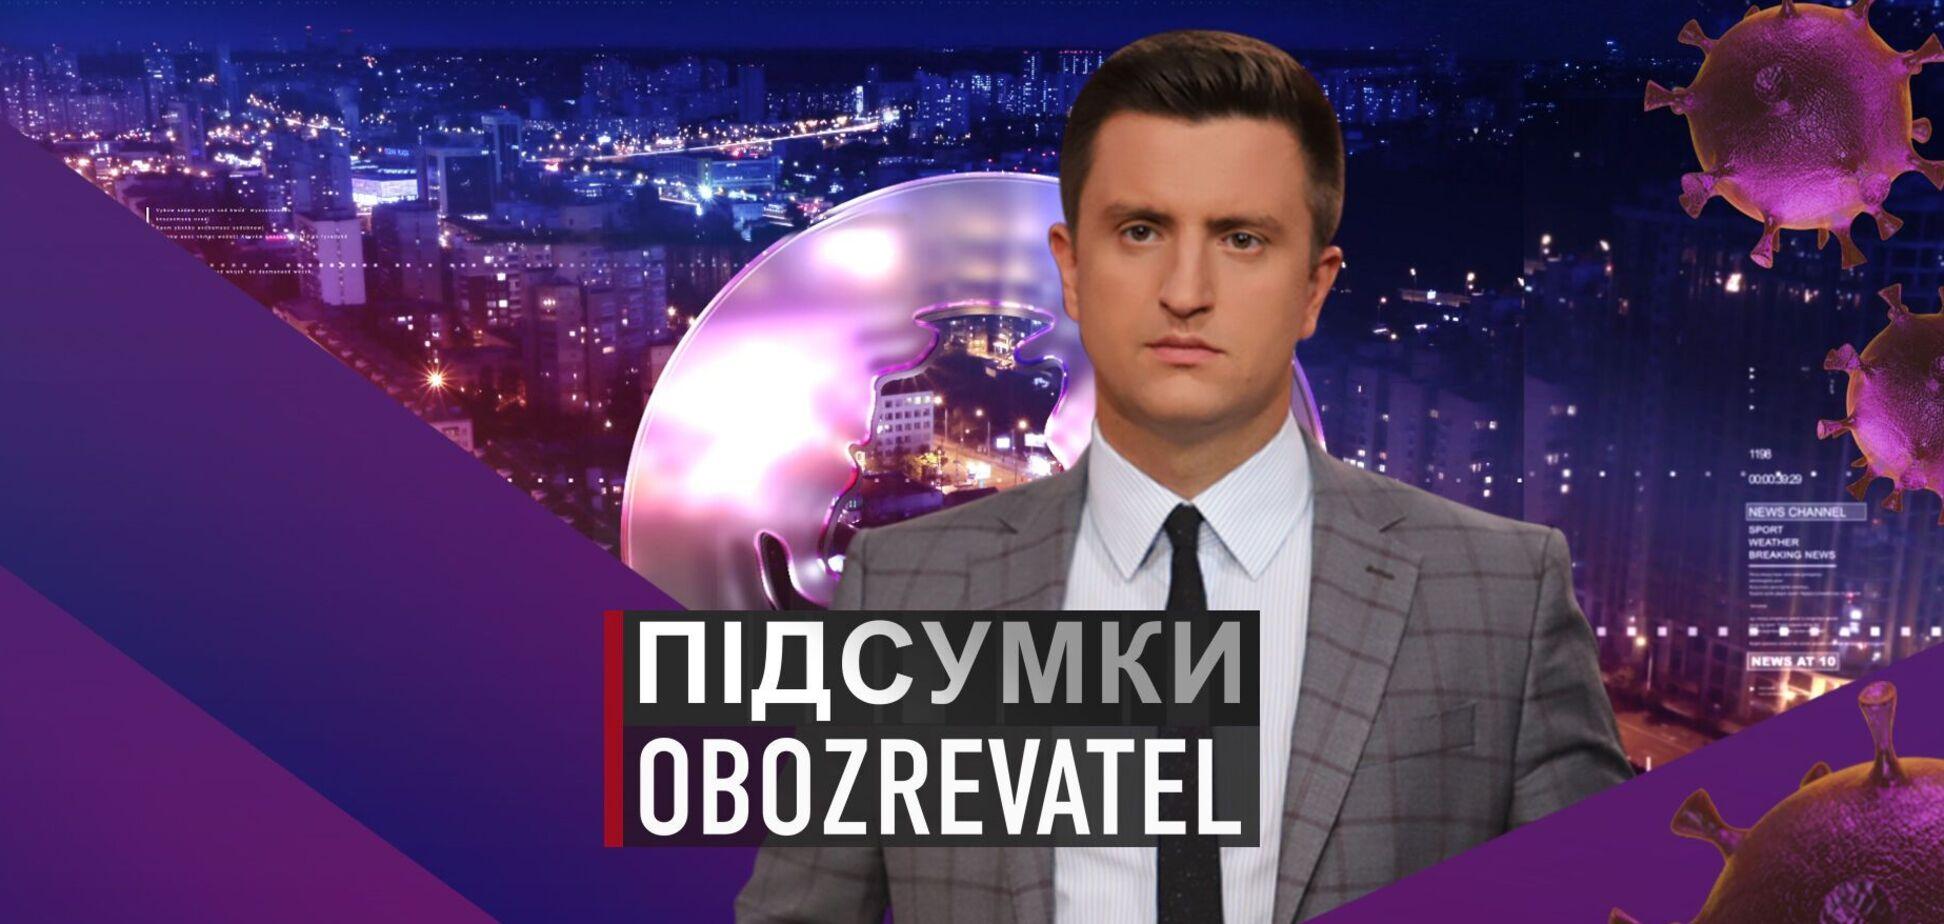 Итоги дня с Вадимом Колодийчуком. Среда, 17 февраля